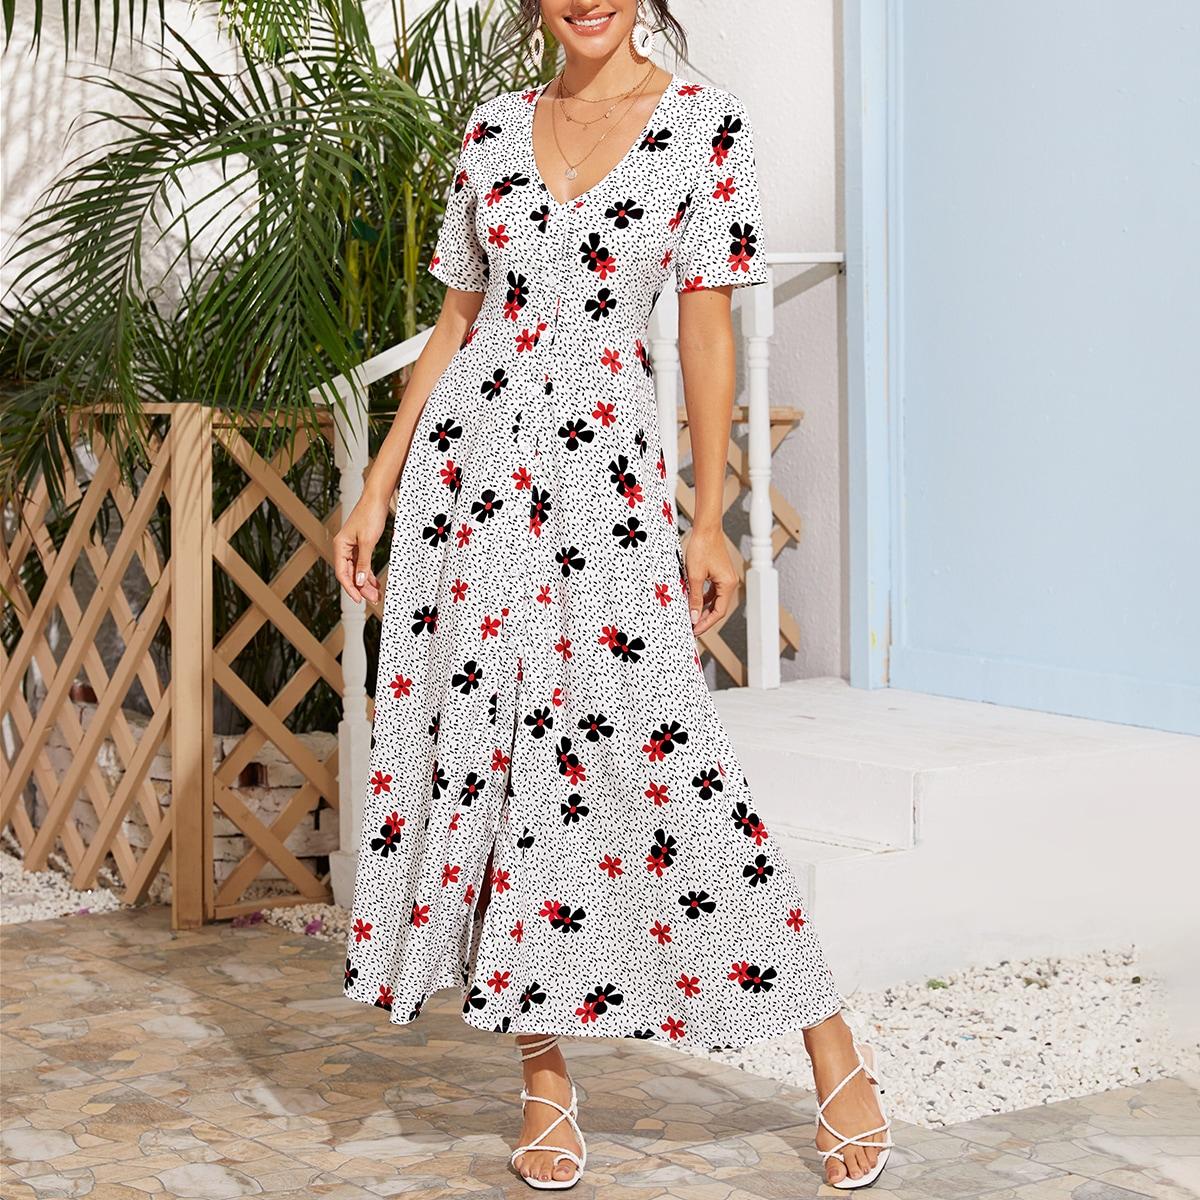 Платье с пуговицами, цветочным и далматинским принтом фото